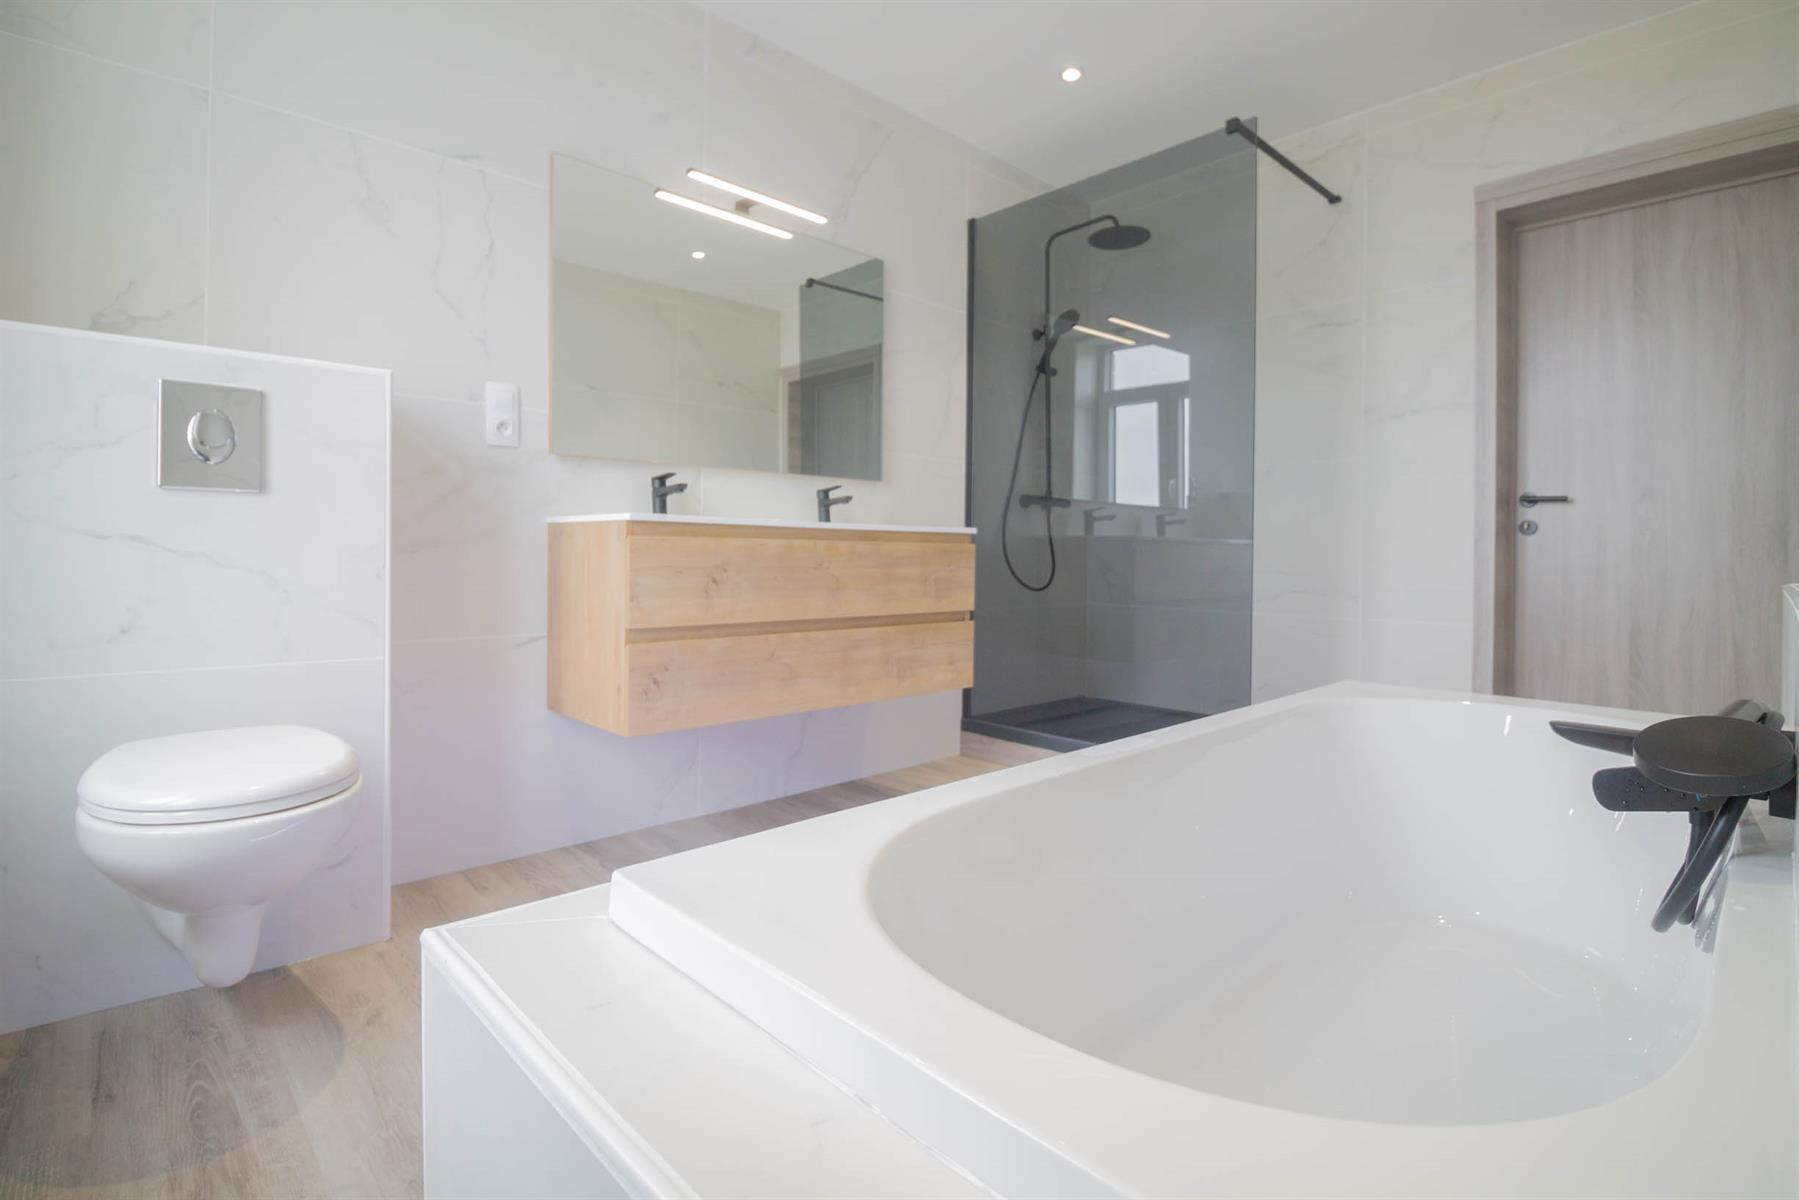 Maison - Goutroux (limite Courcelles) - #4363786-18